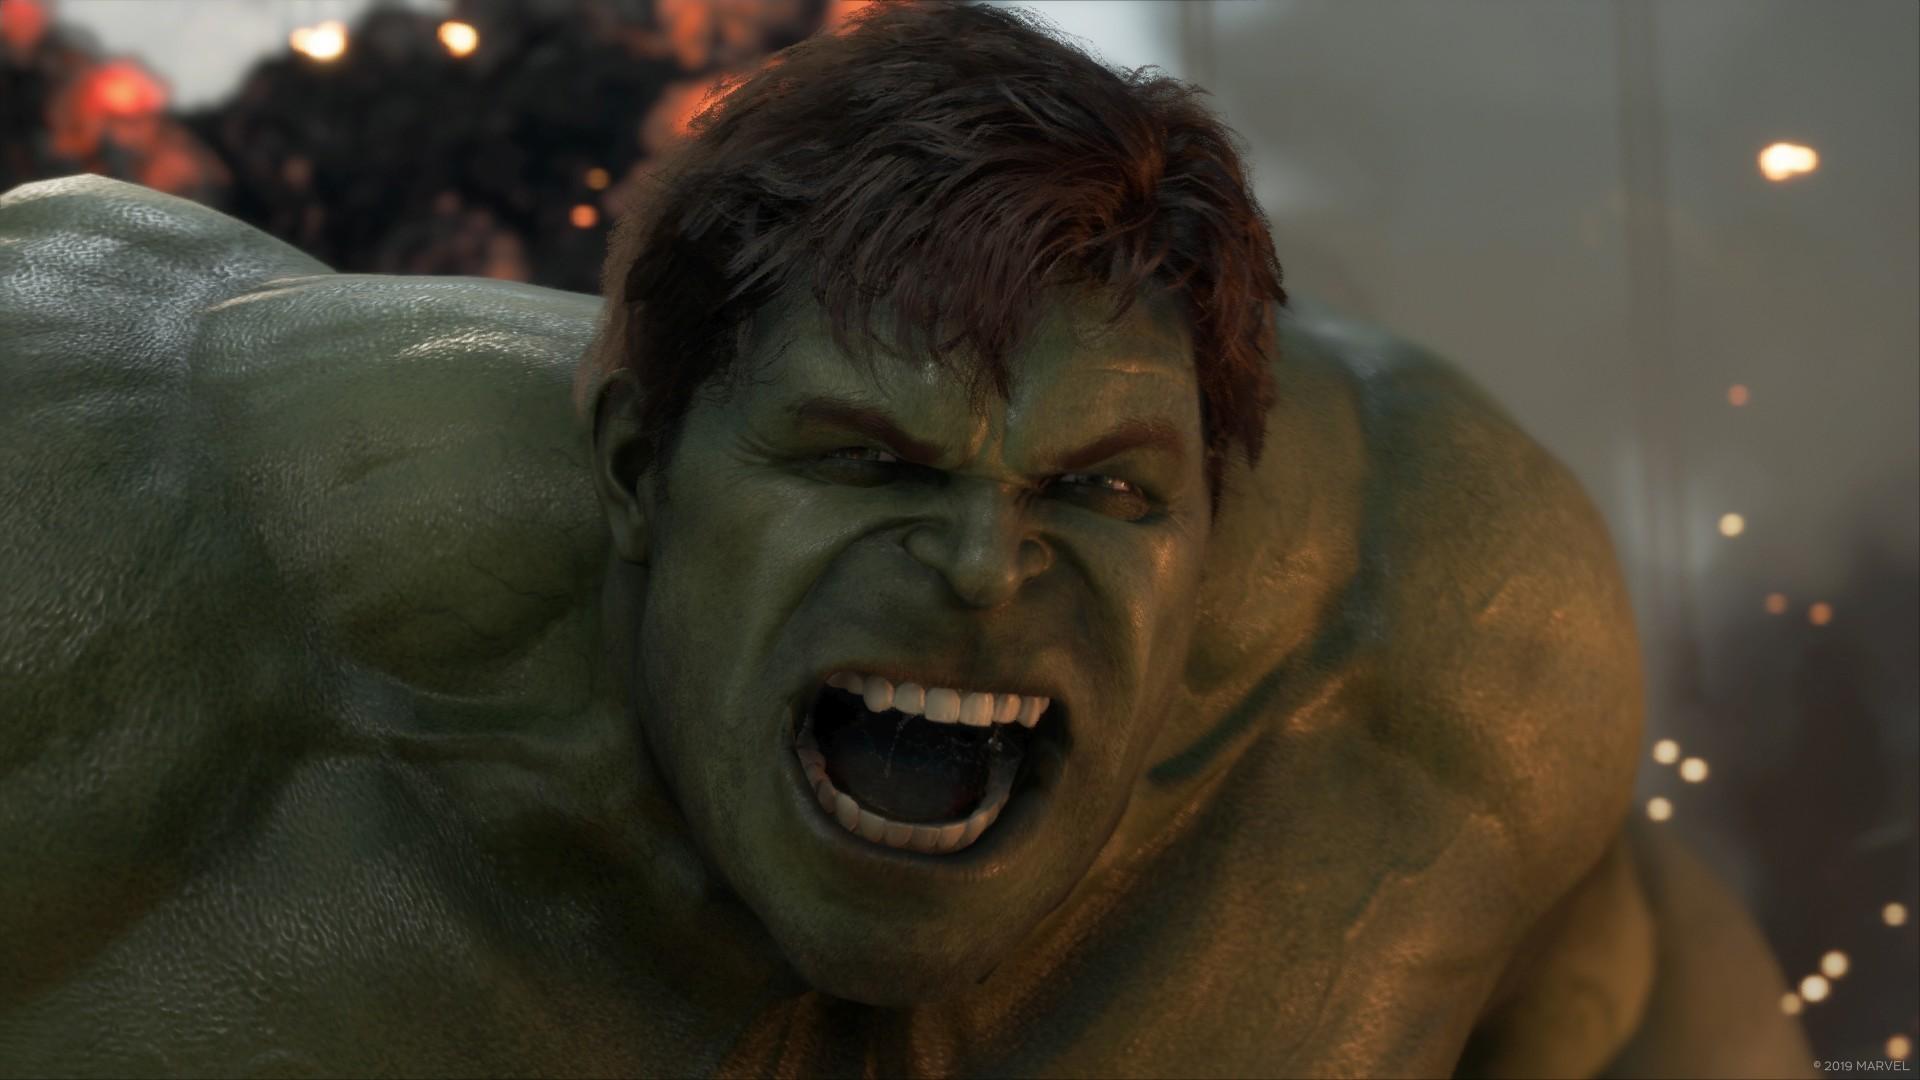 سی دی کی اریجینال استیم بازی Marvel's Avengers - Deluxe Edition